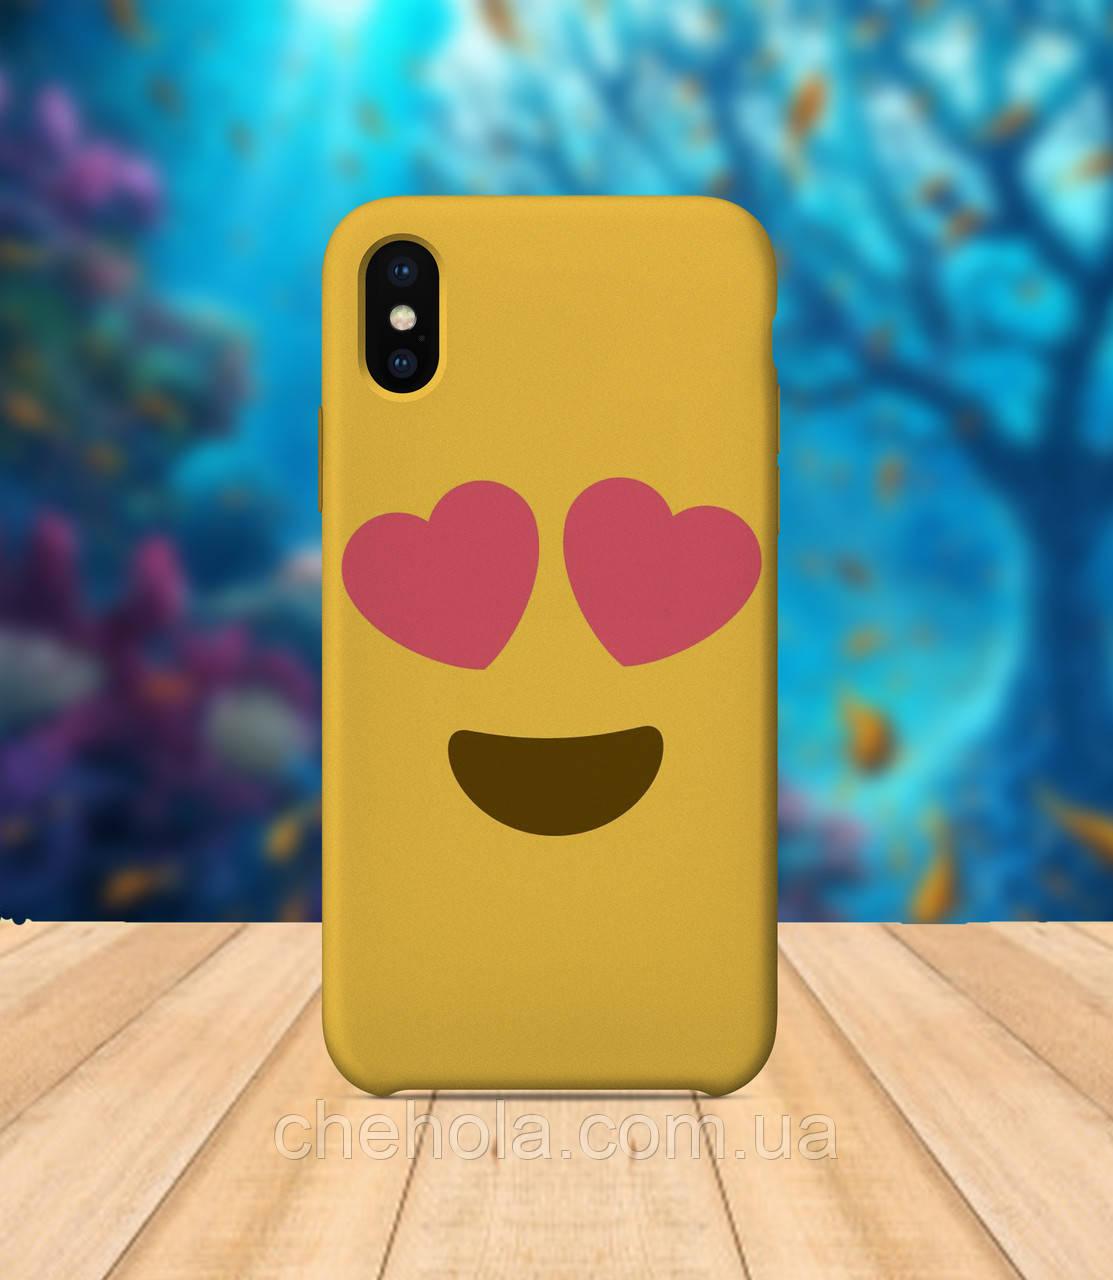 Чехол для apple iphone x XS max Смайлик чехол с принтом